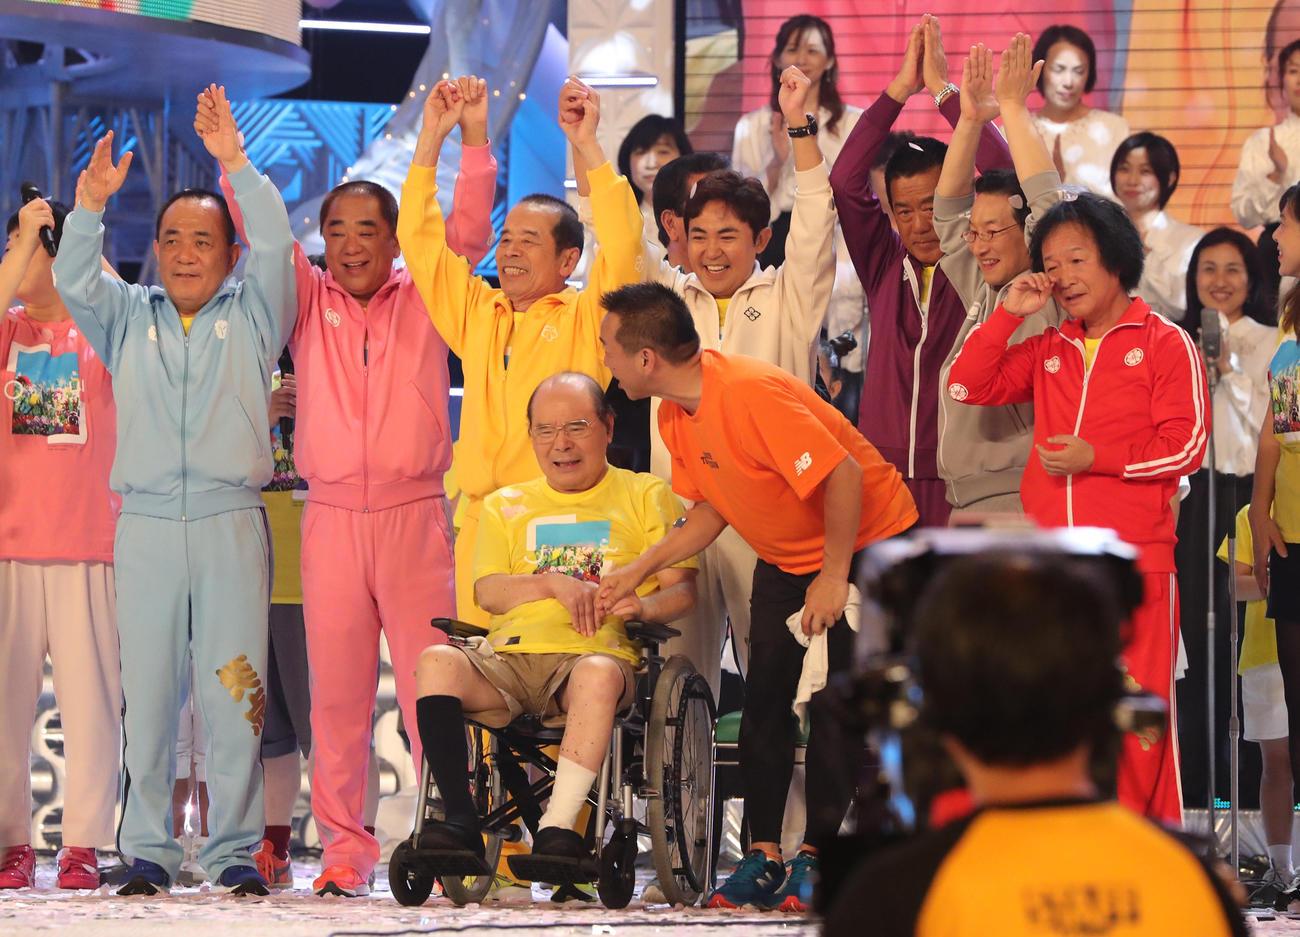 24時間テレビで、笑点メンバーに迎えられた林家たい平(前列右)はこん平師匠(前列左)と手をつなぎ、歌を熱唱した(2016年8月28日撮影)